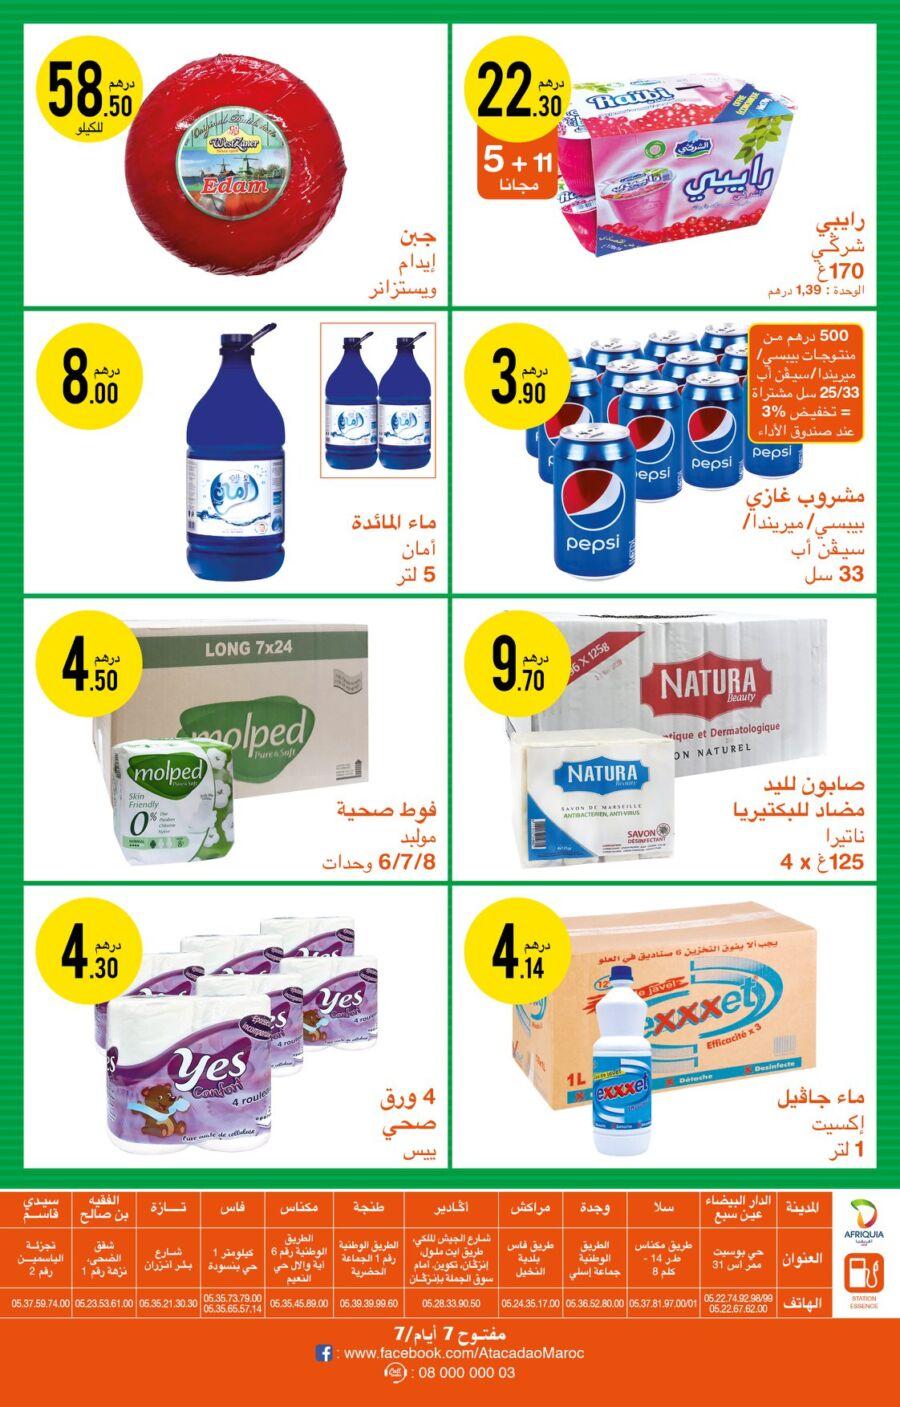 Catalogue Atacadao Maroc ما كاين ارخص du 12 au 26 Décembre 2020